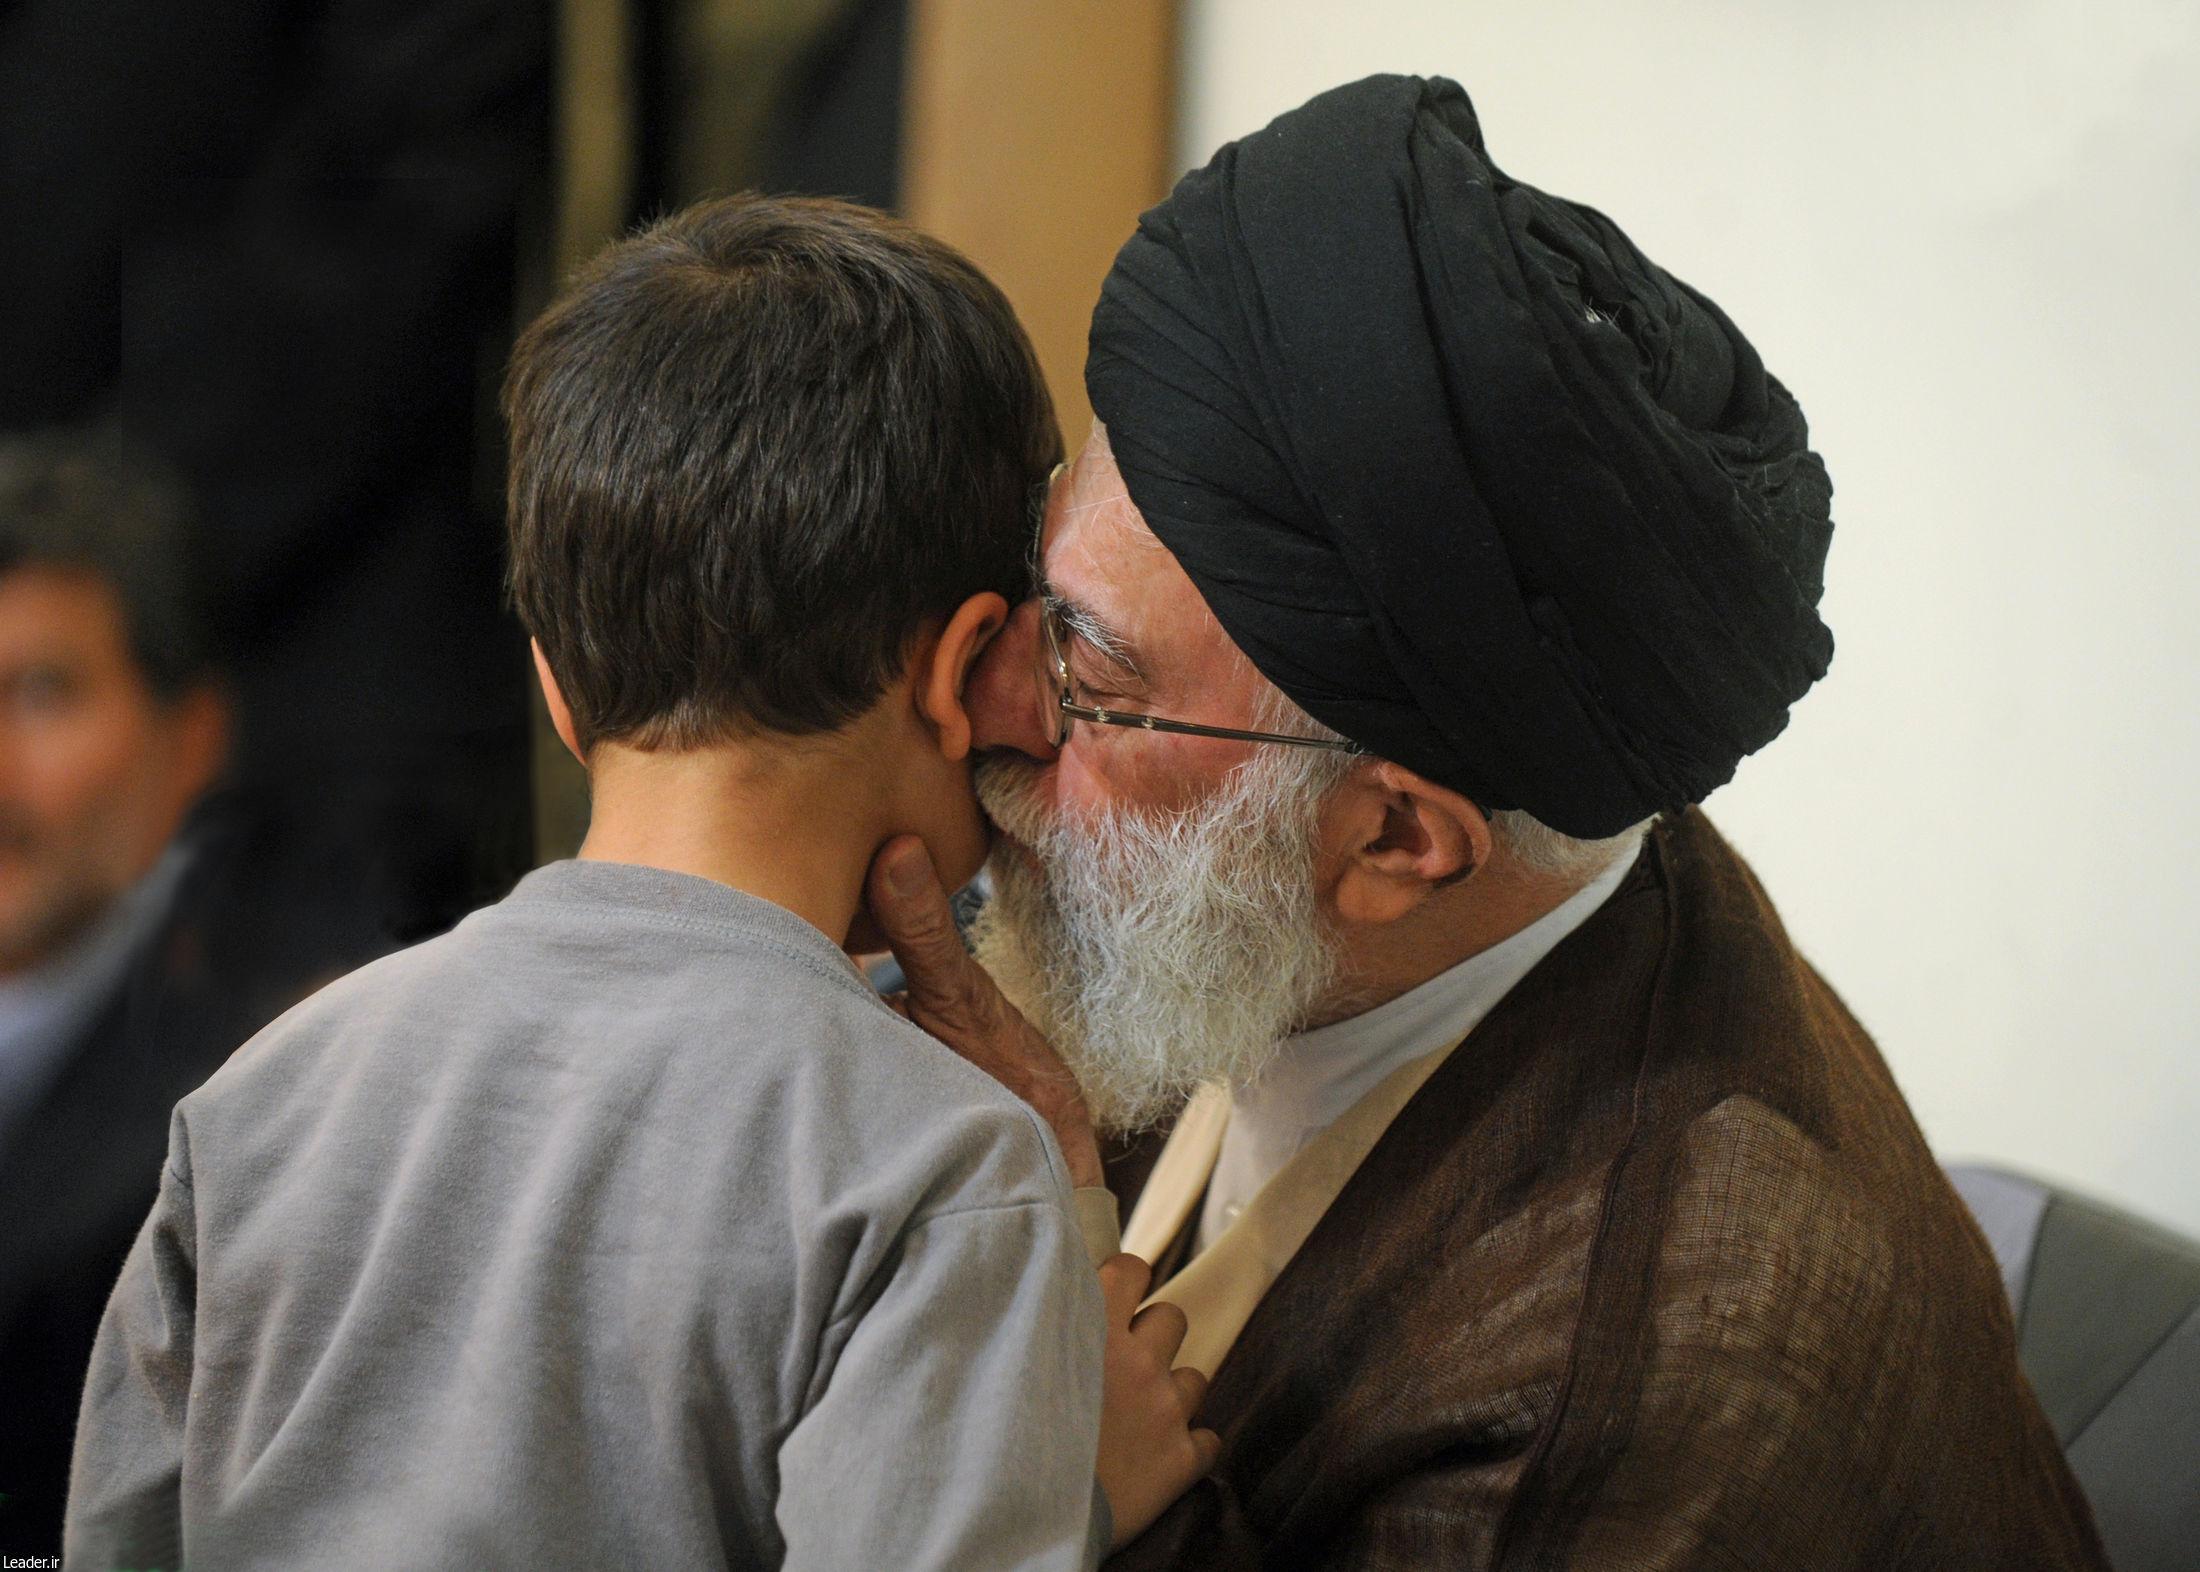 تصاویر دیده نشده از دیدارهای رهبر انقلاب با خانوادههای معظم شهیدان